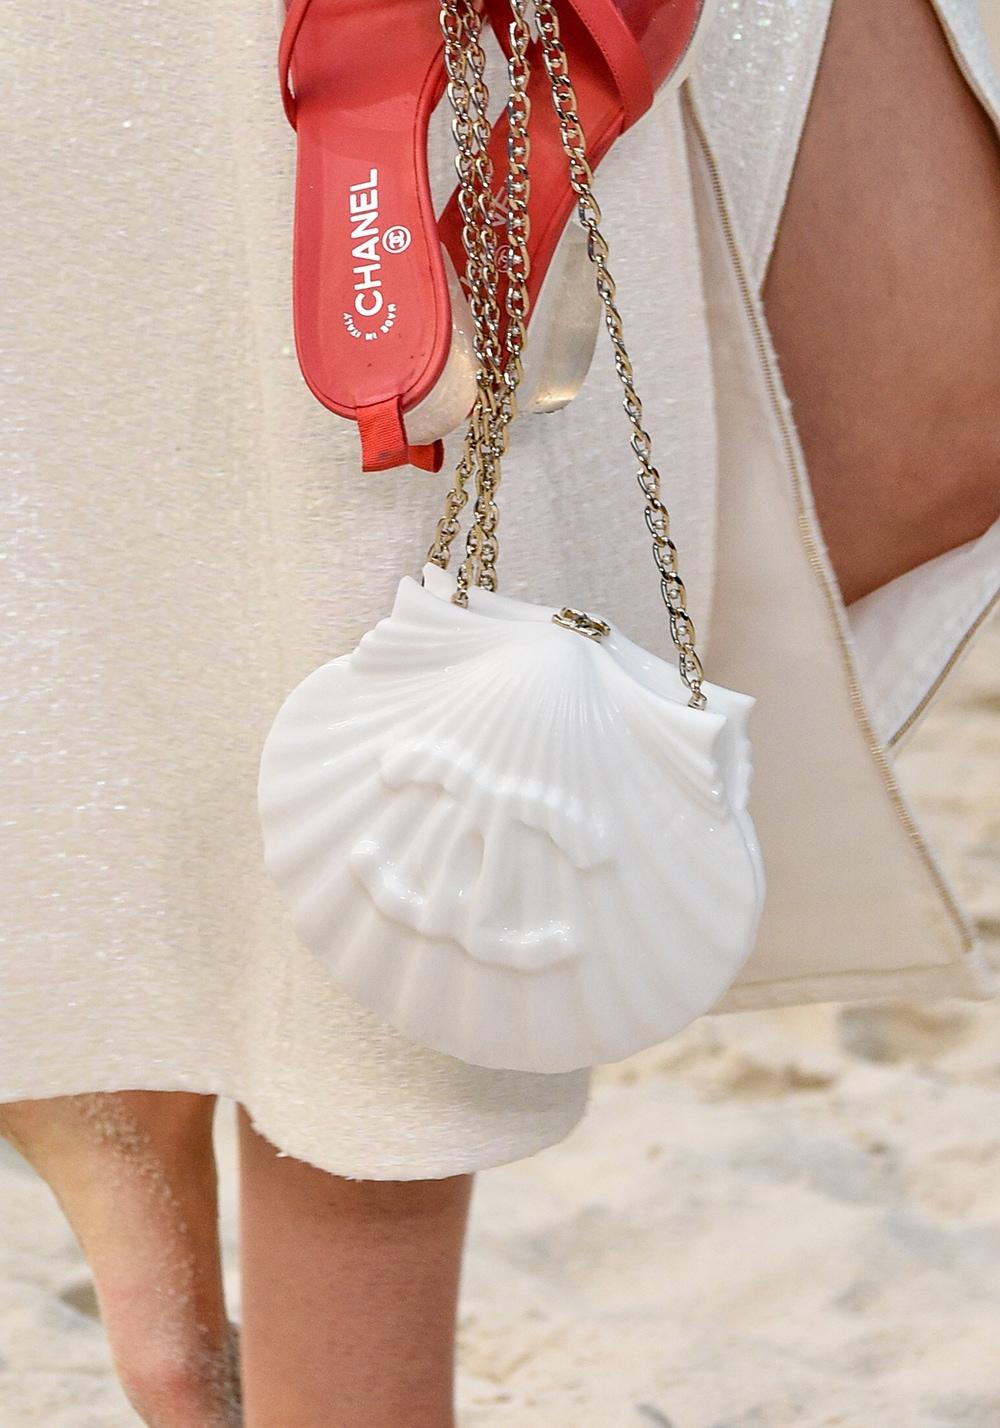 chanel-borse-conchiglia